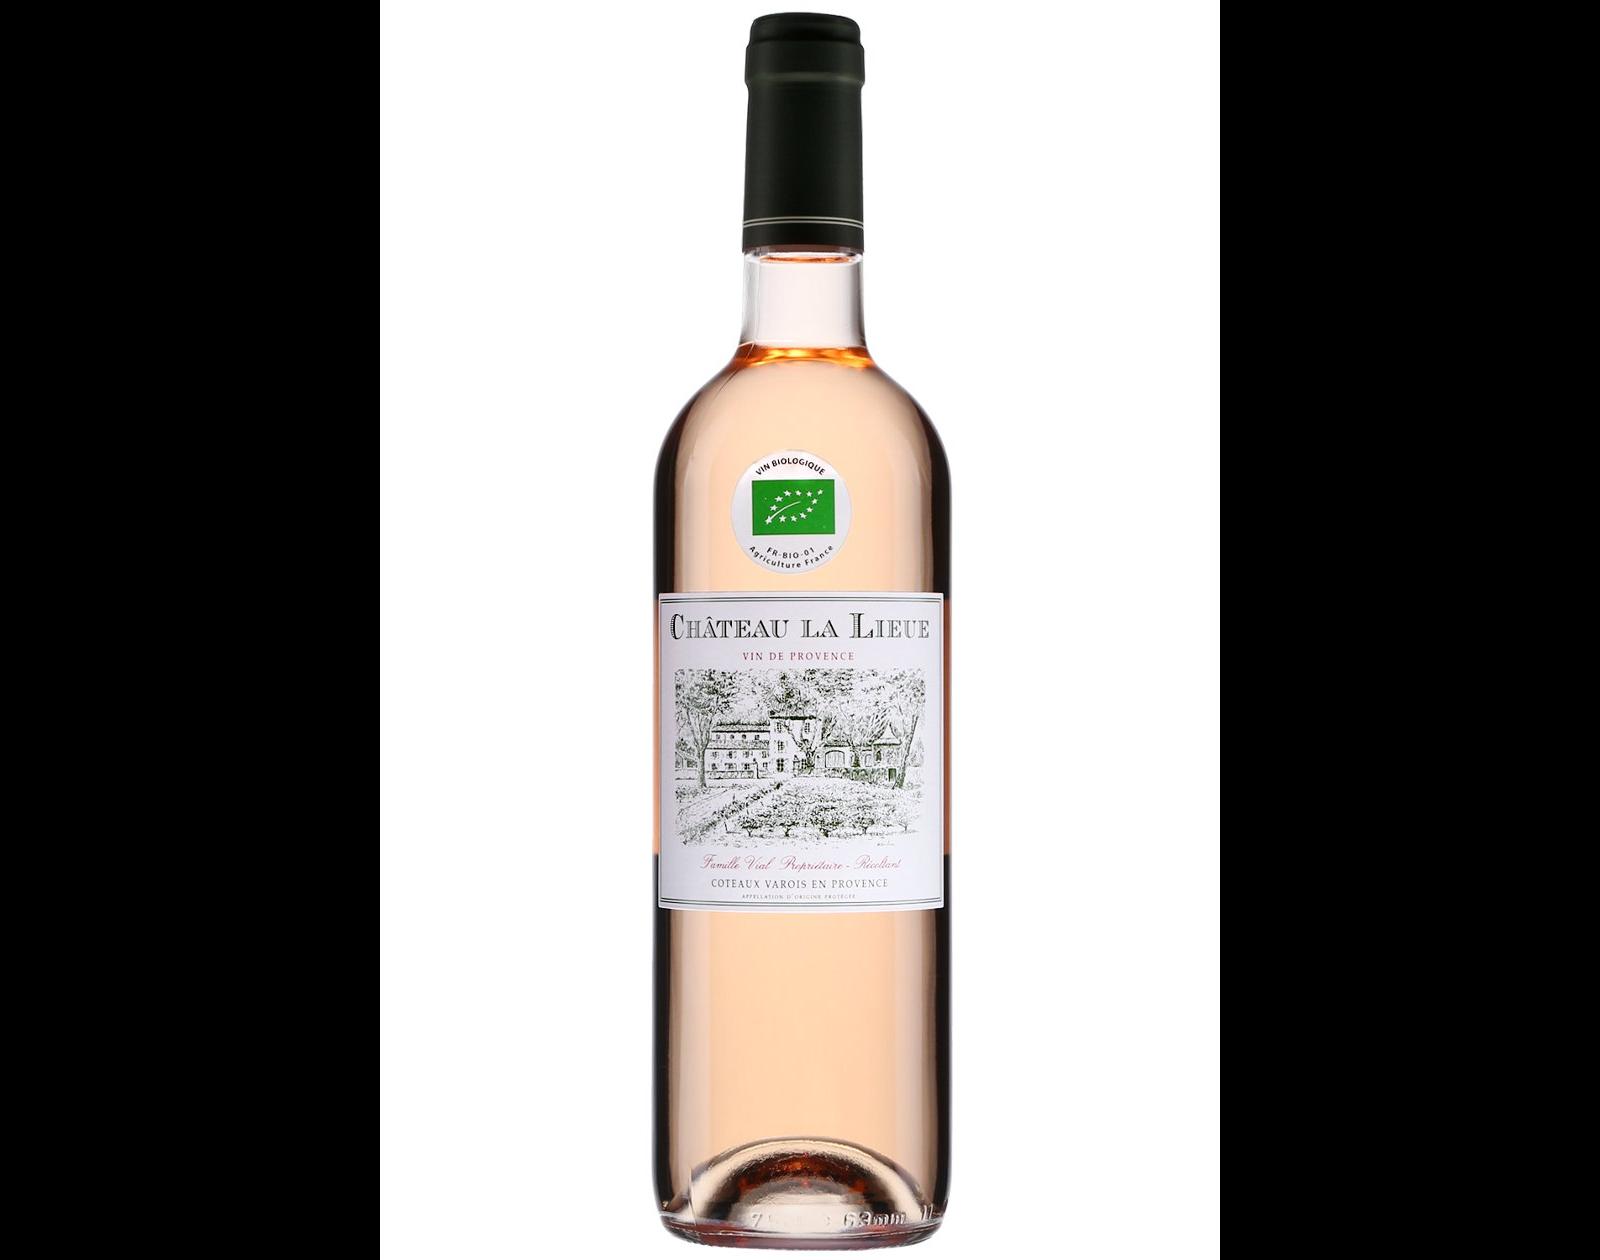 Château de Lieue Coteaux Varois en Provence 2018 vin roséChâteau de Lieue Coteaux Varois en Provence 2018 vin rosé